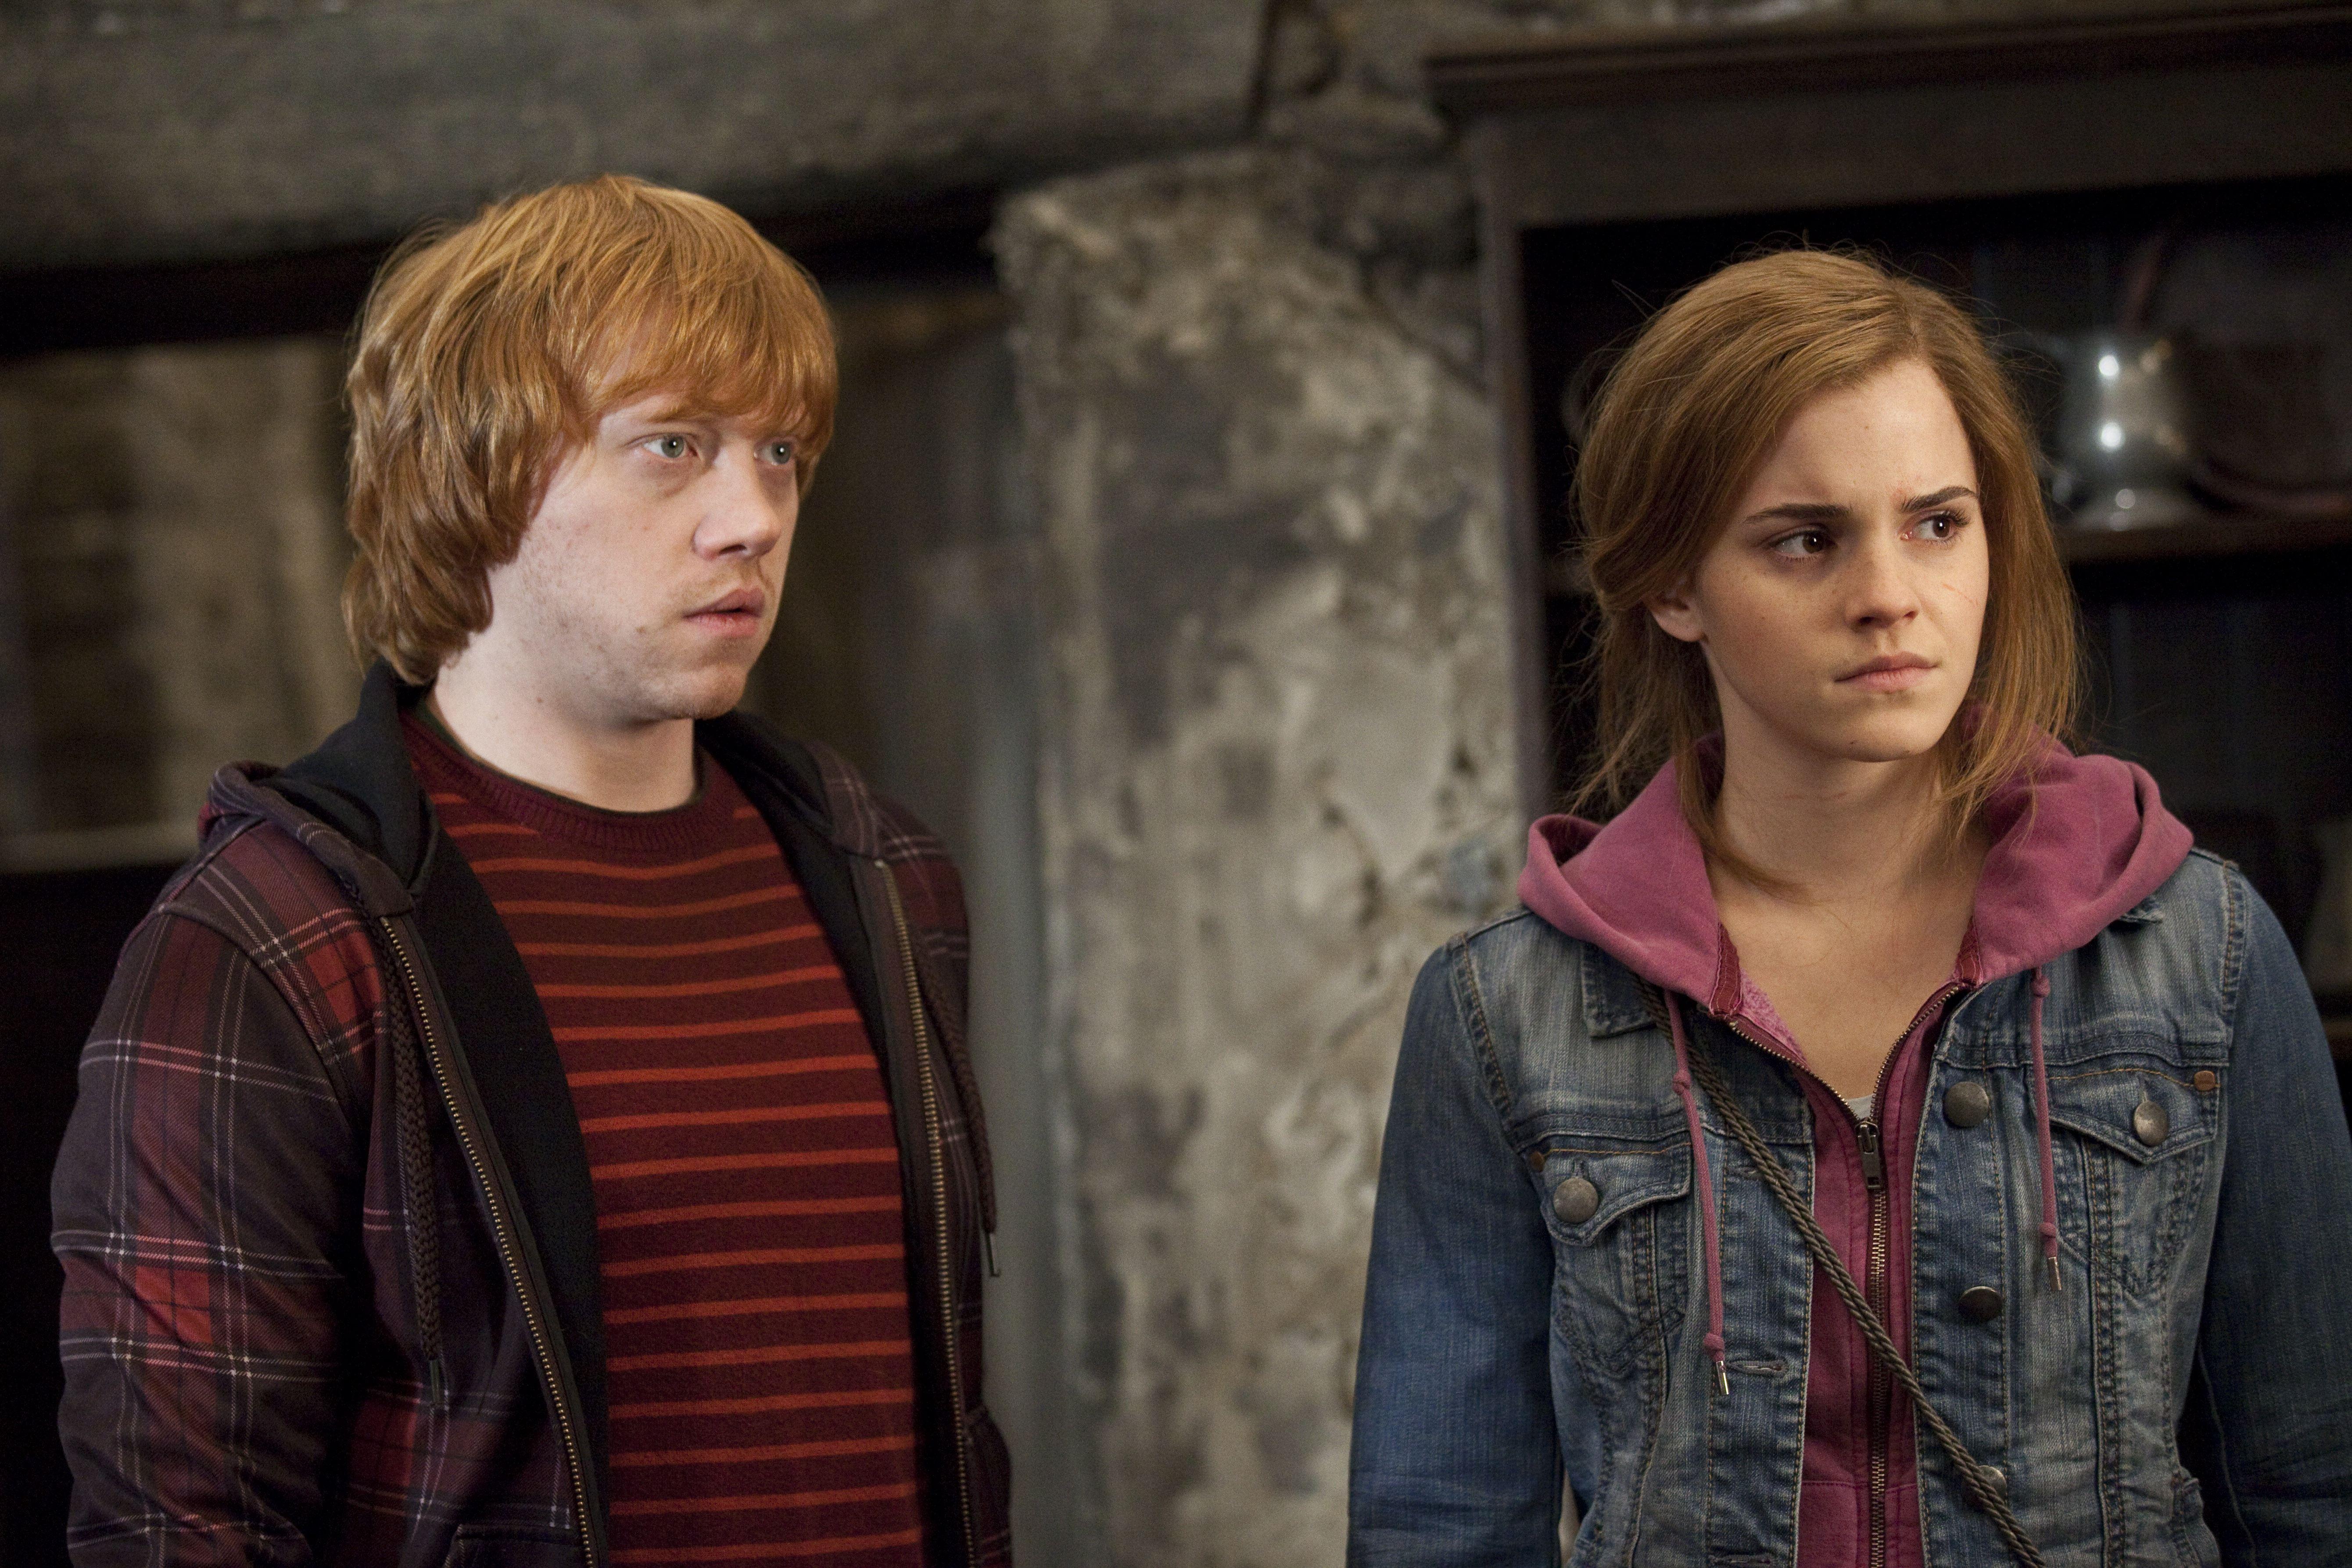 кадры из фильма Гарри Поттер и Дары Смерти: Часть вторая Руперт Гринт, Эмма Уотсон,